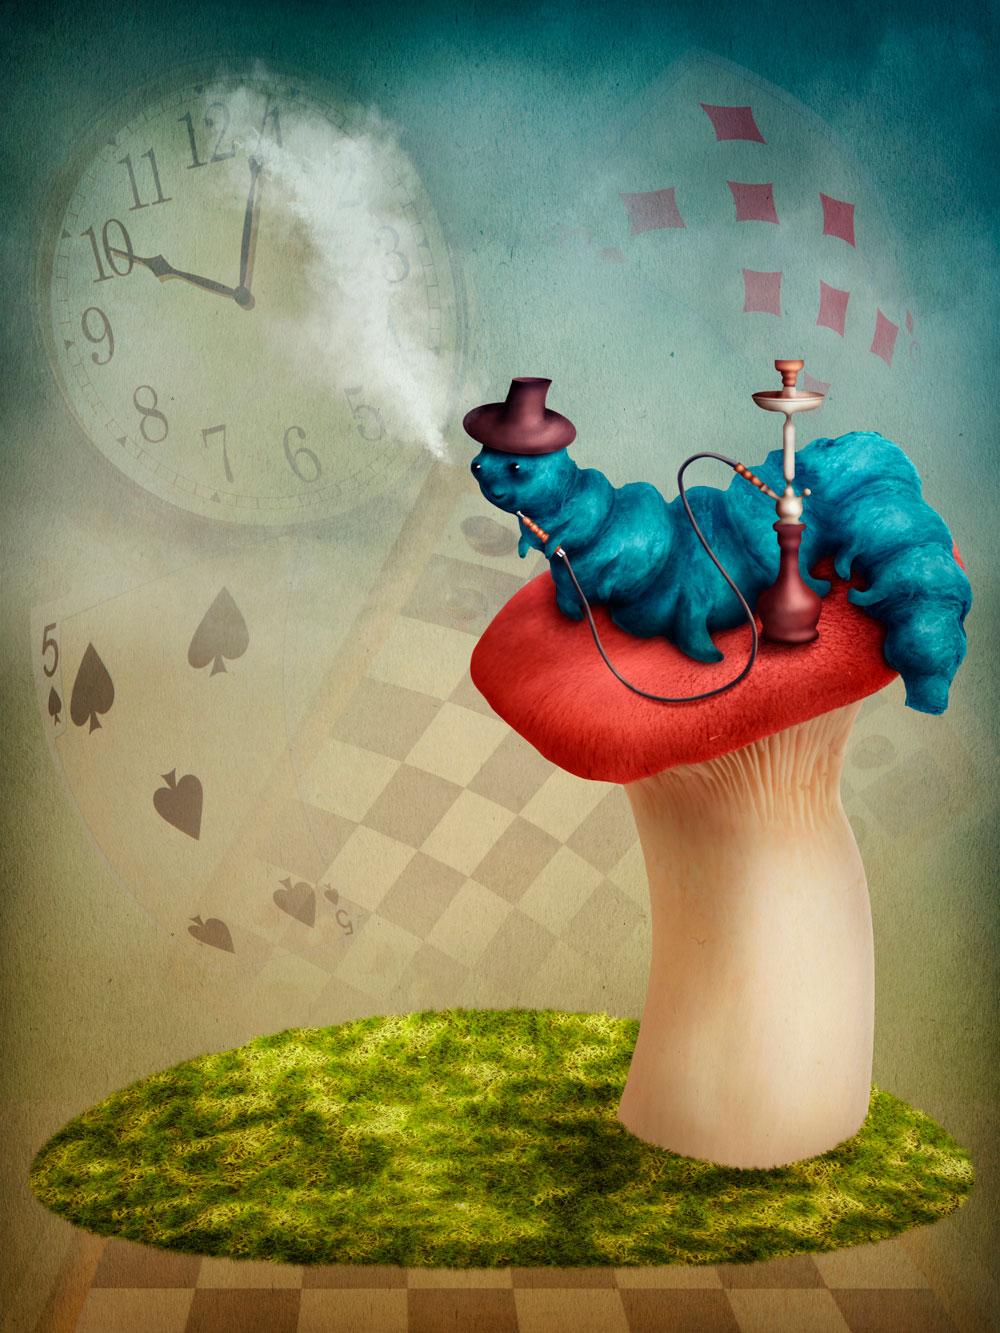 Free Download Alice In Wonderland Hookah Smoking Caterpillar Wall